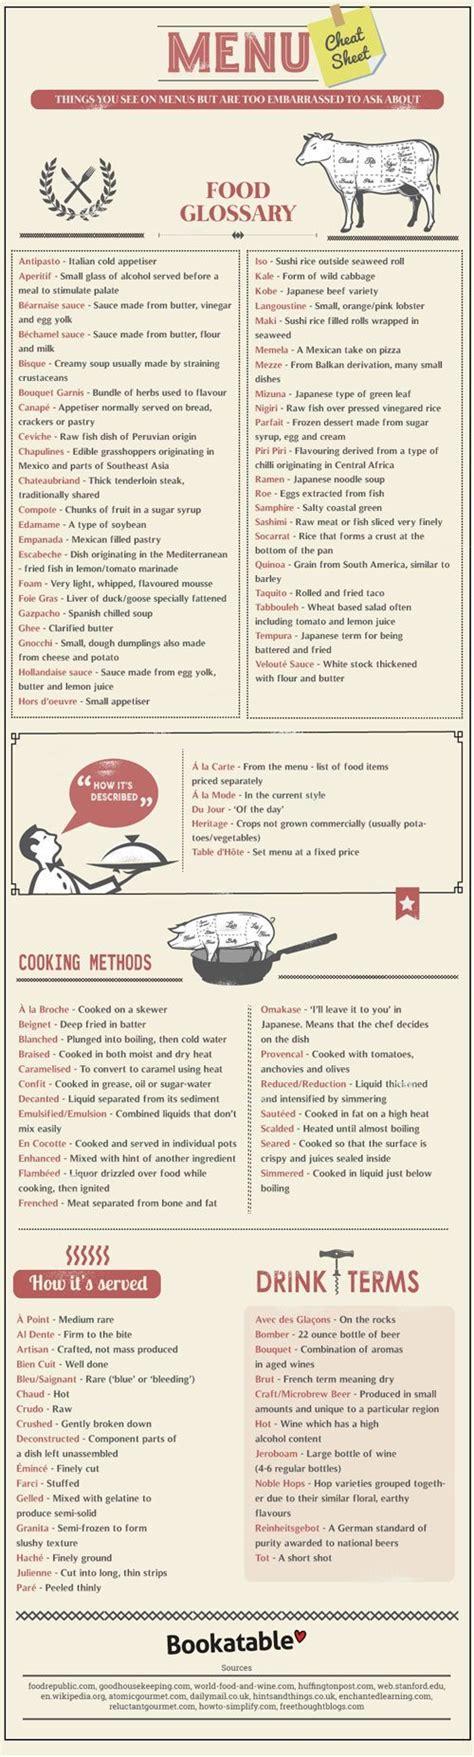 gizmo s guide to tricks a terrier shares secrets books restaurant menu sheet cooking gizmos